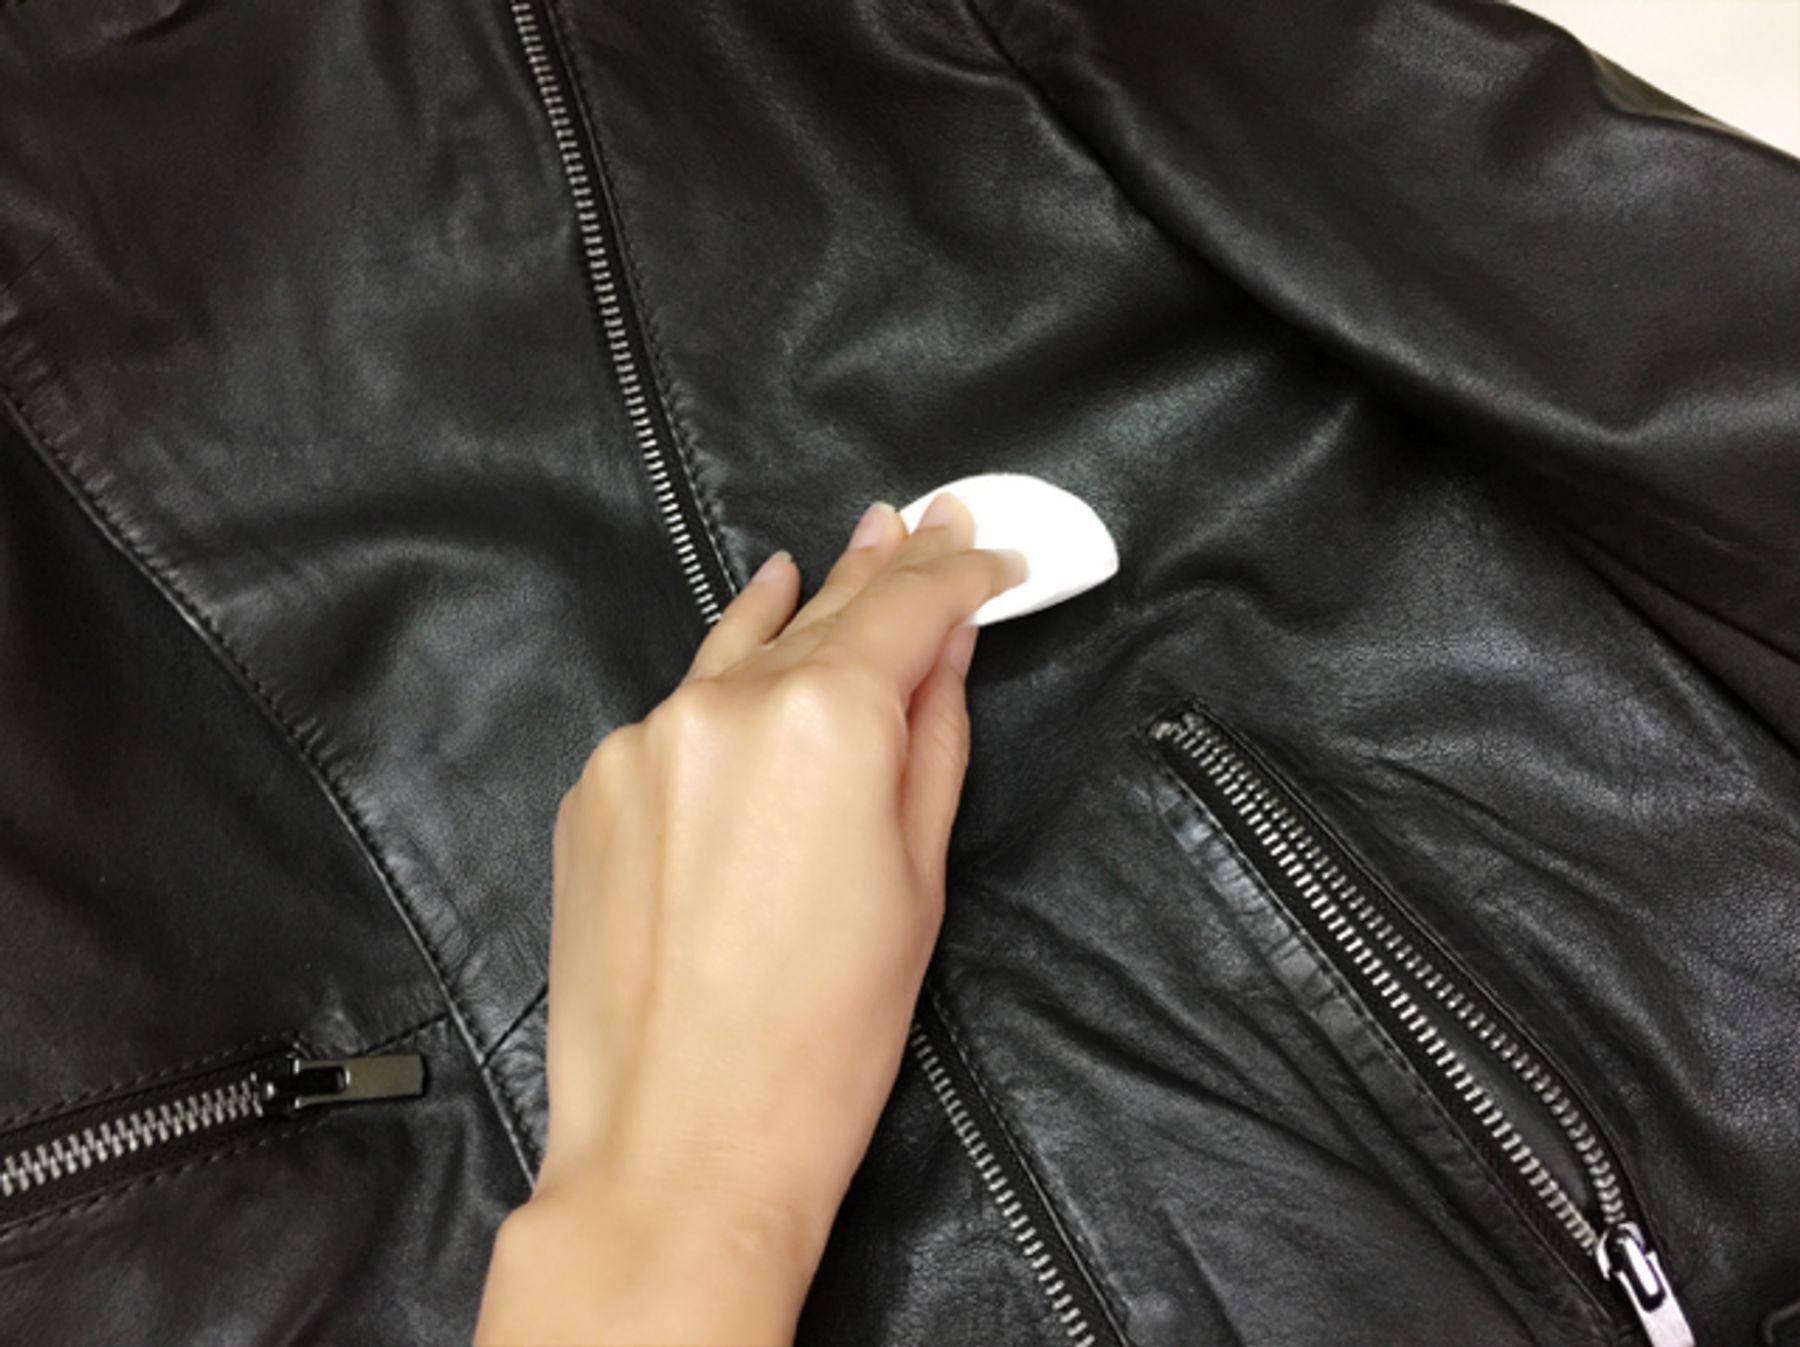 Có nên dùng cách làm sạch áo da bằng cồn?